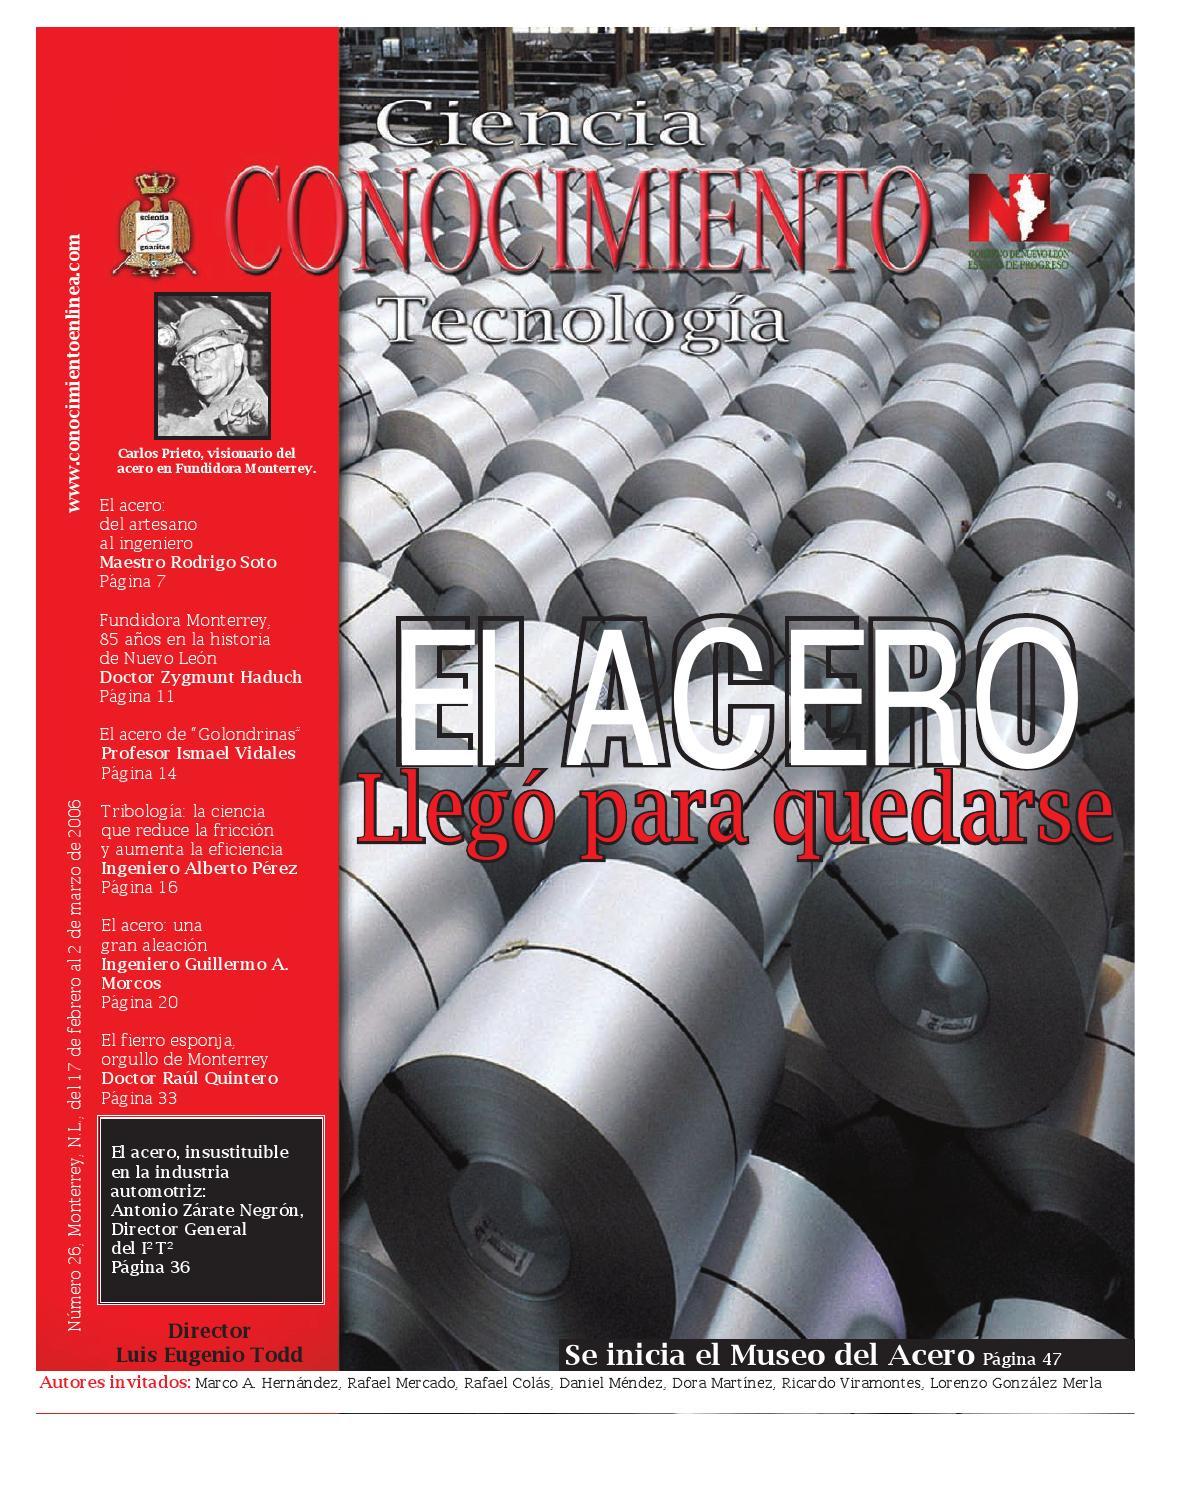 Revista Conocimiento 26 by Rodrigo Soto Moreno - issuu